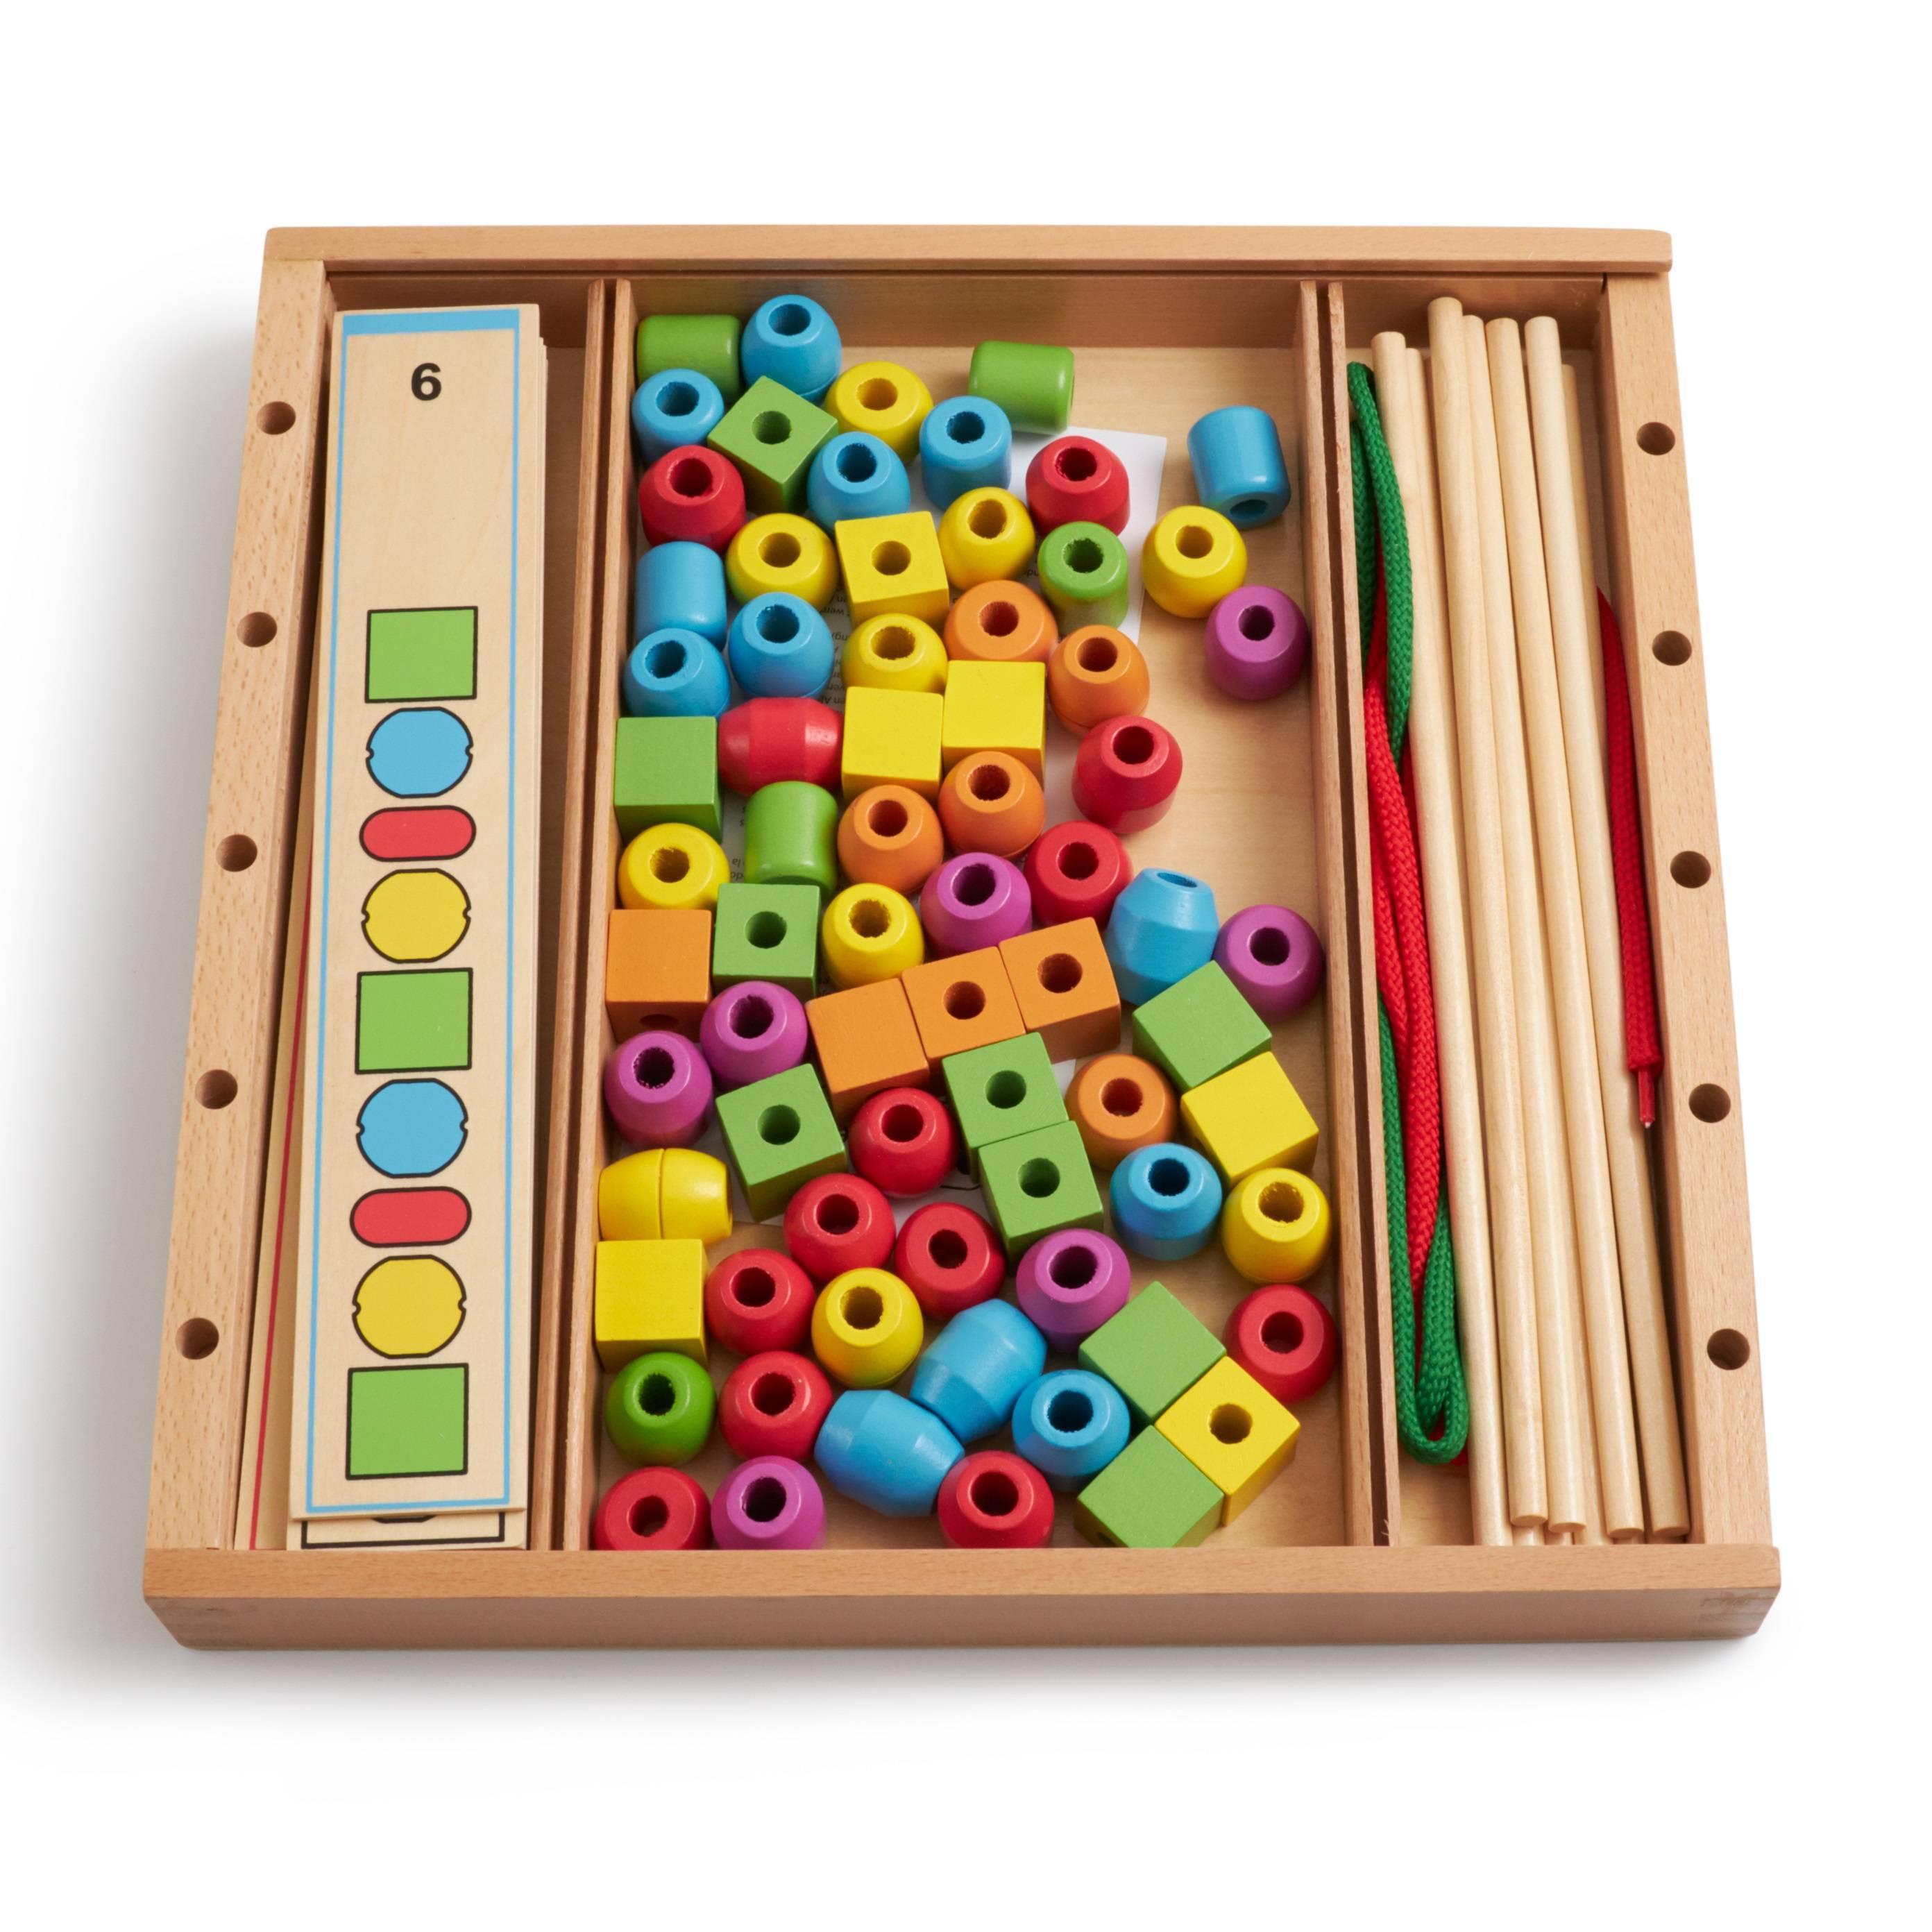 Развивающая игра ANDREU Toys Развивающая игра Формы, цвета, последовательность